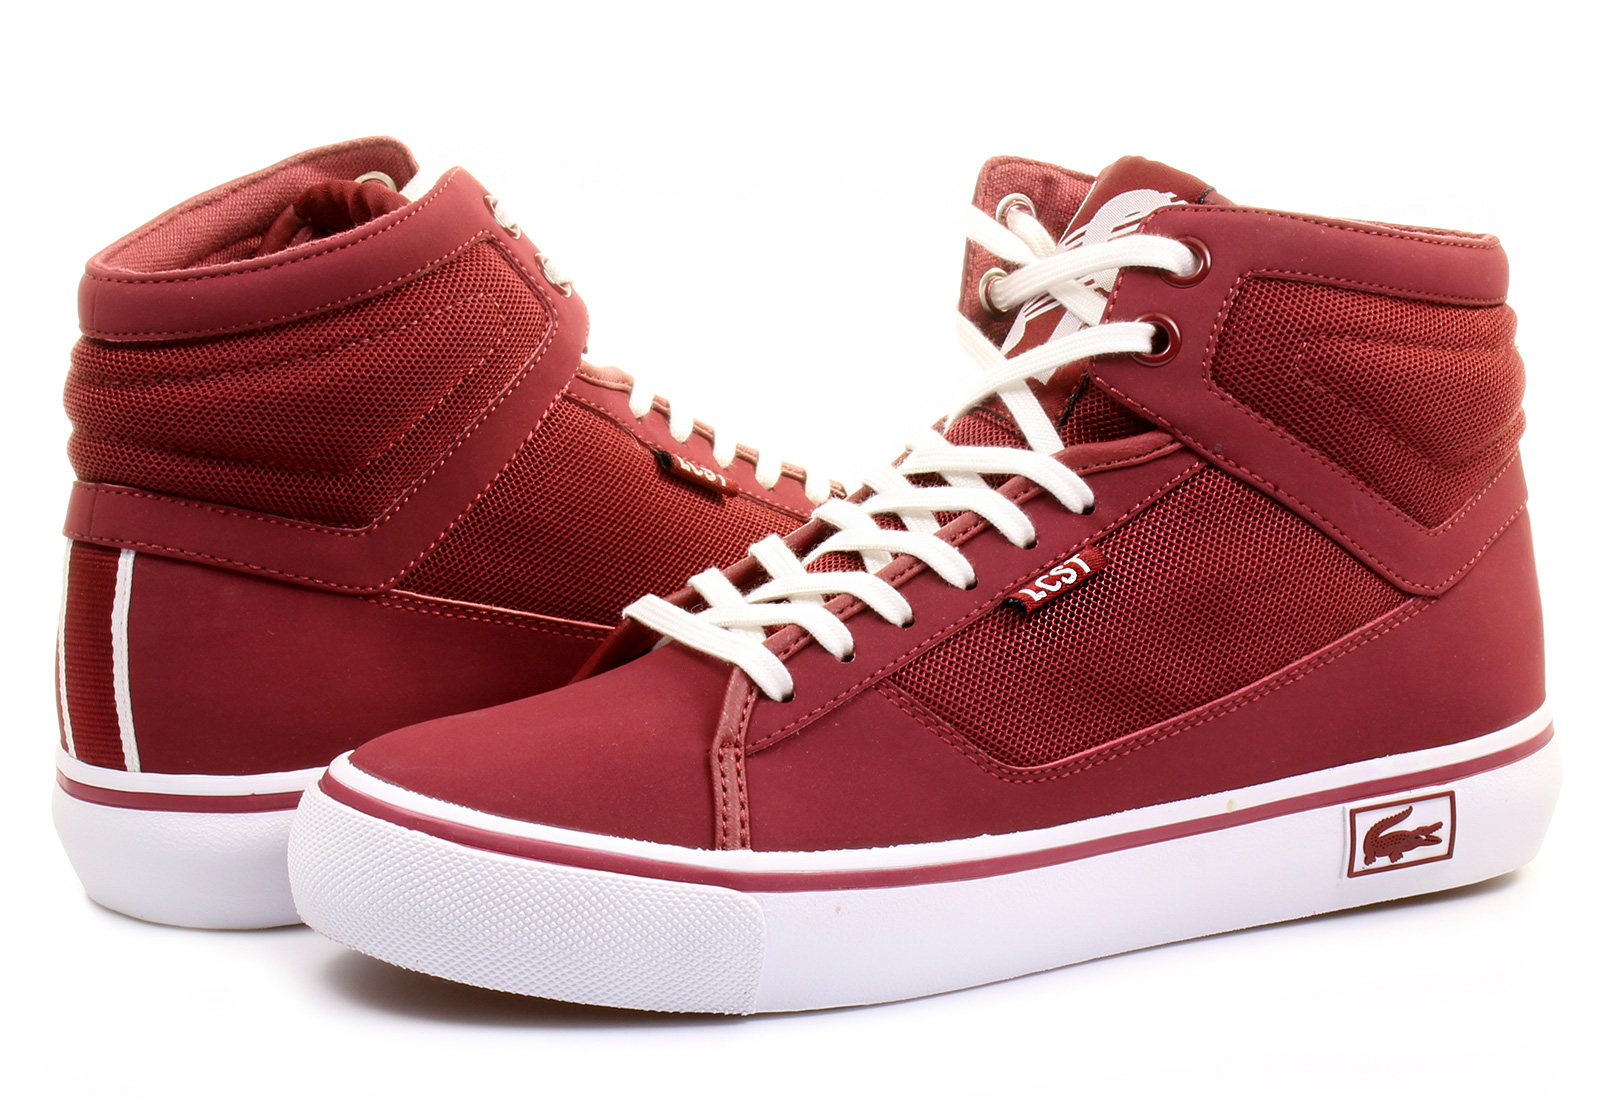 Lacoste Shoes Vaultstar Mid